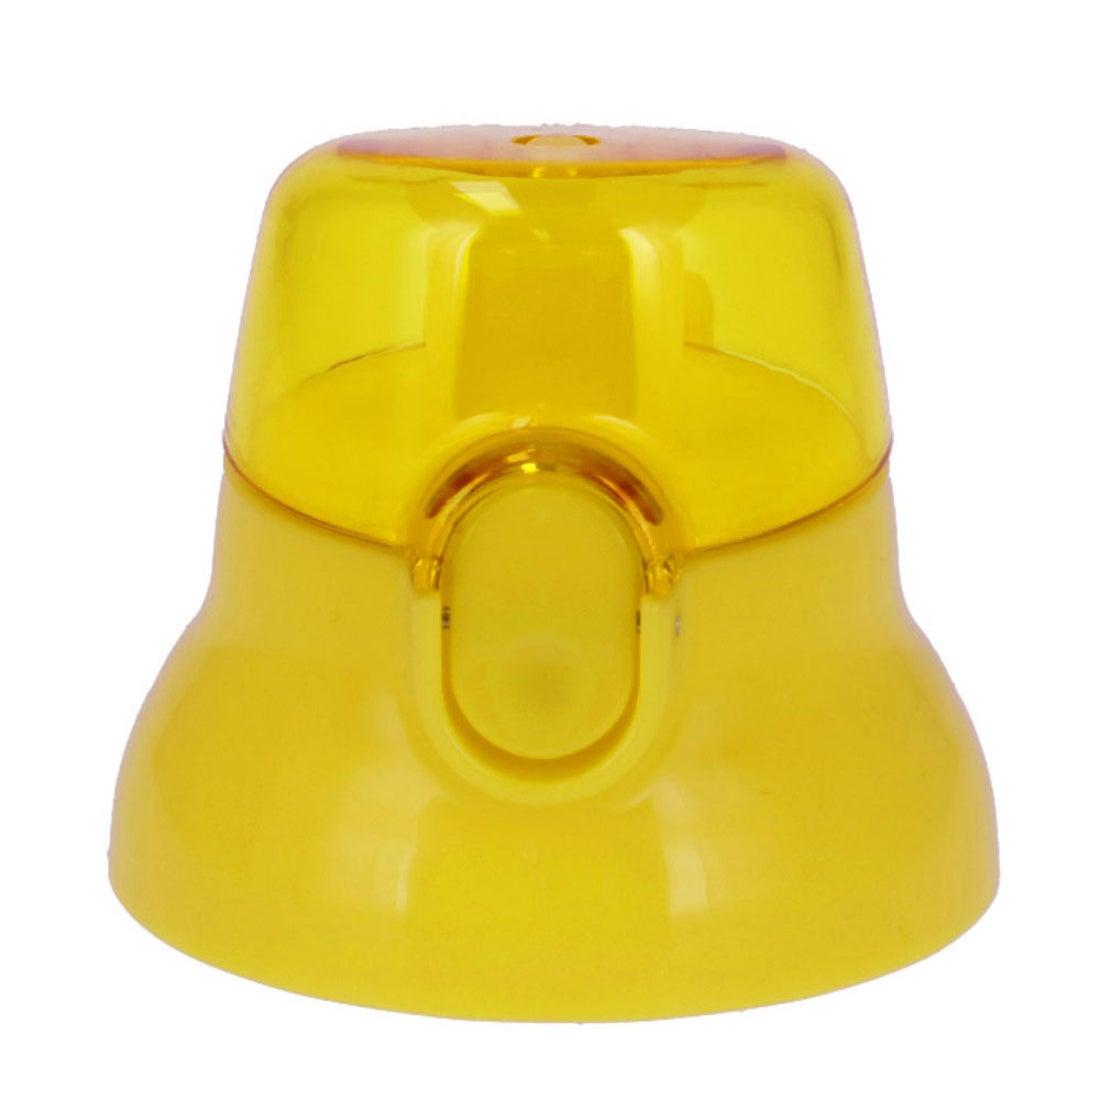 スケーター SKATER PSB5SAN専用 キャップユニット (黄色)